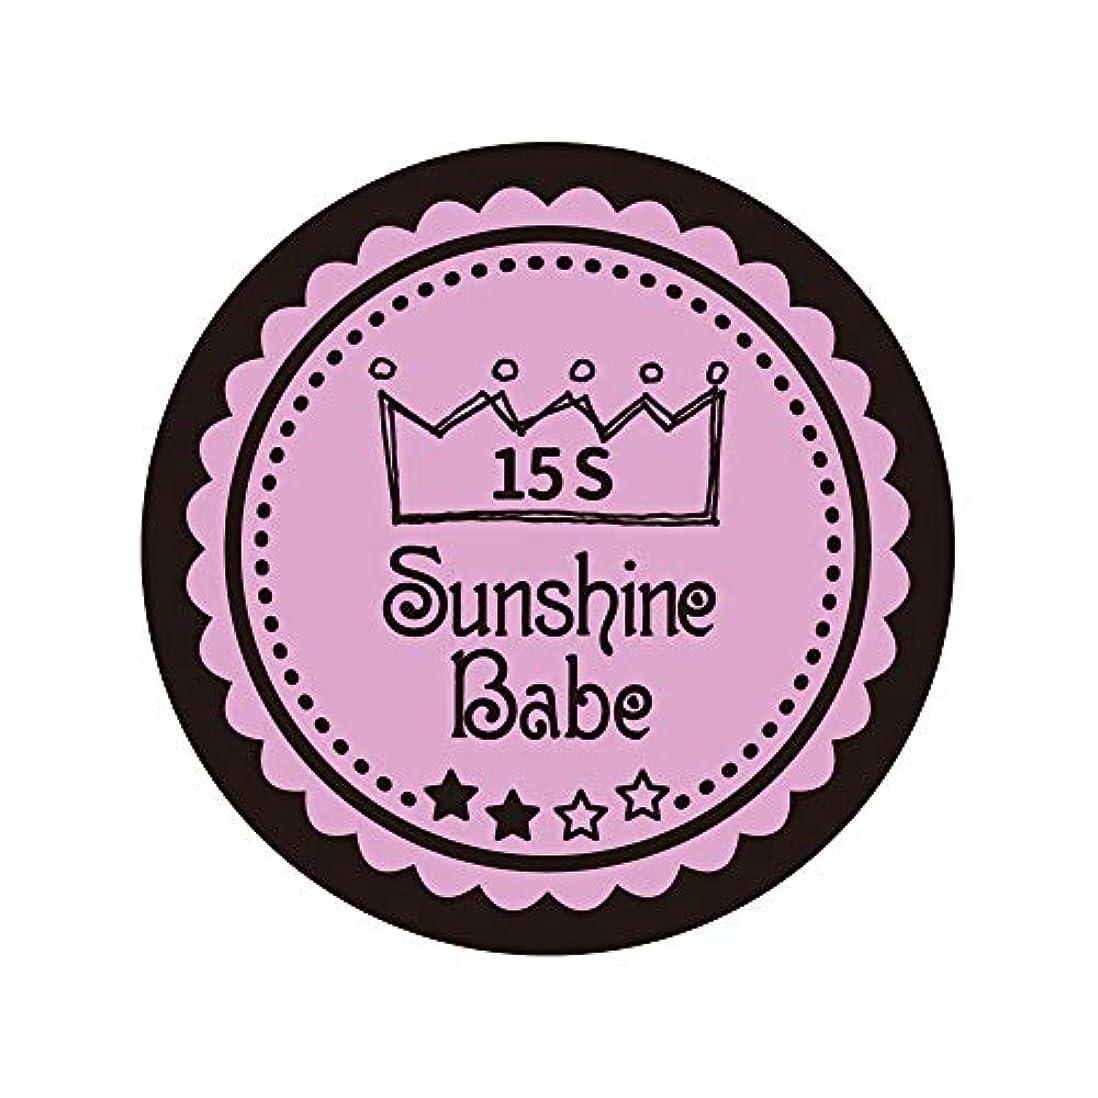 悪のに対処するカジュアルSunshine Babe カラージェル 15S ピンクラベンダー 2.7g UV/LED対応